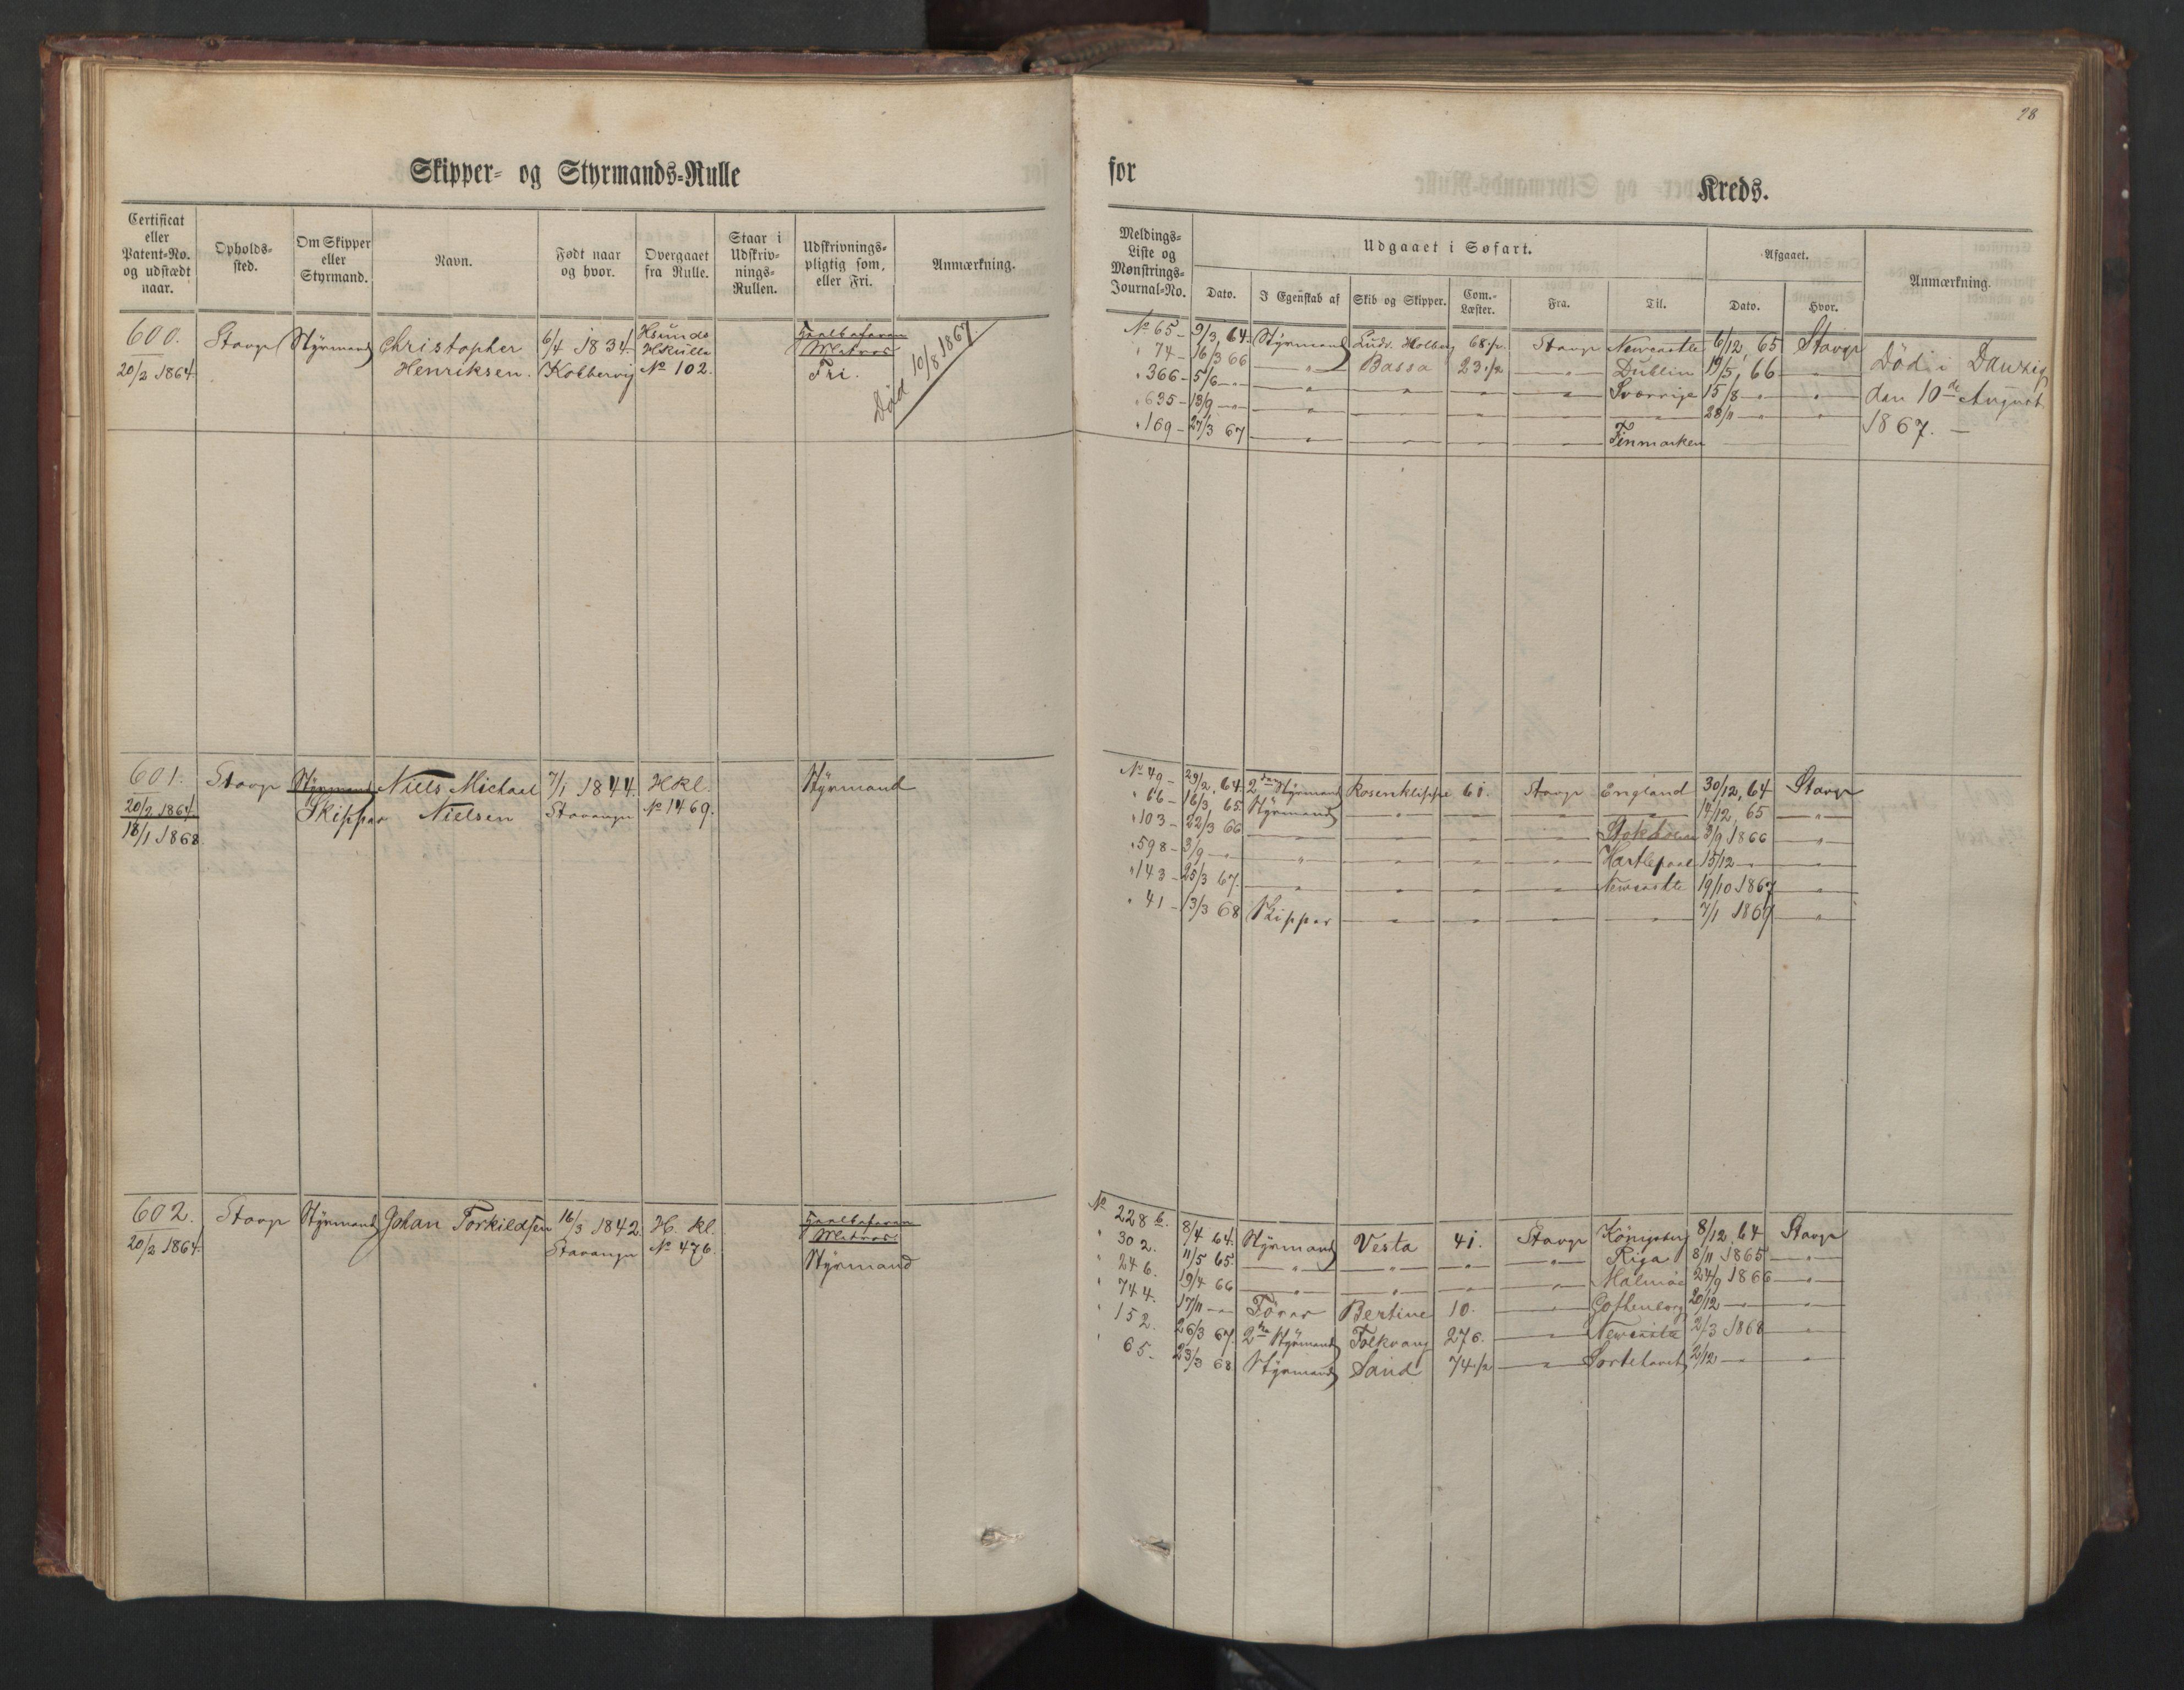 SAST, Stavanger sjømannskontor, F/Fc/L0002: Skipper- og styrmannsrulle, patentnr. 519-850, 1862, s. 41